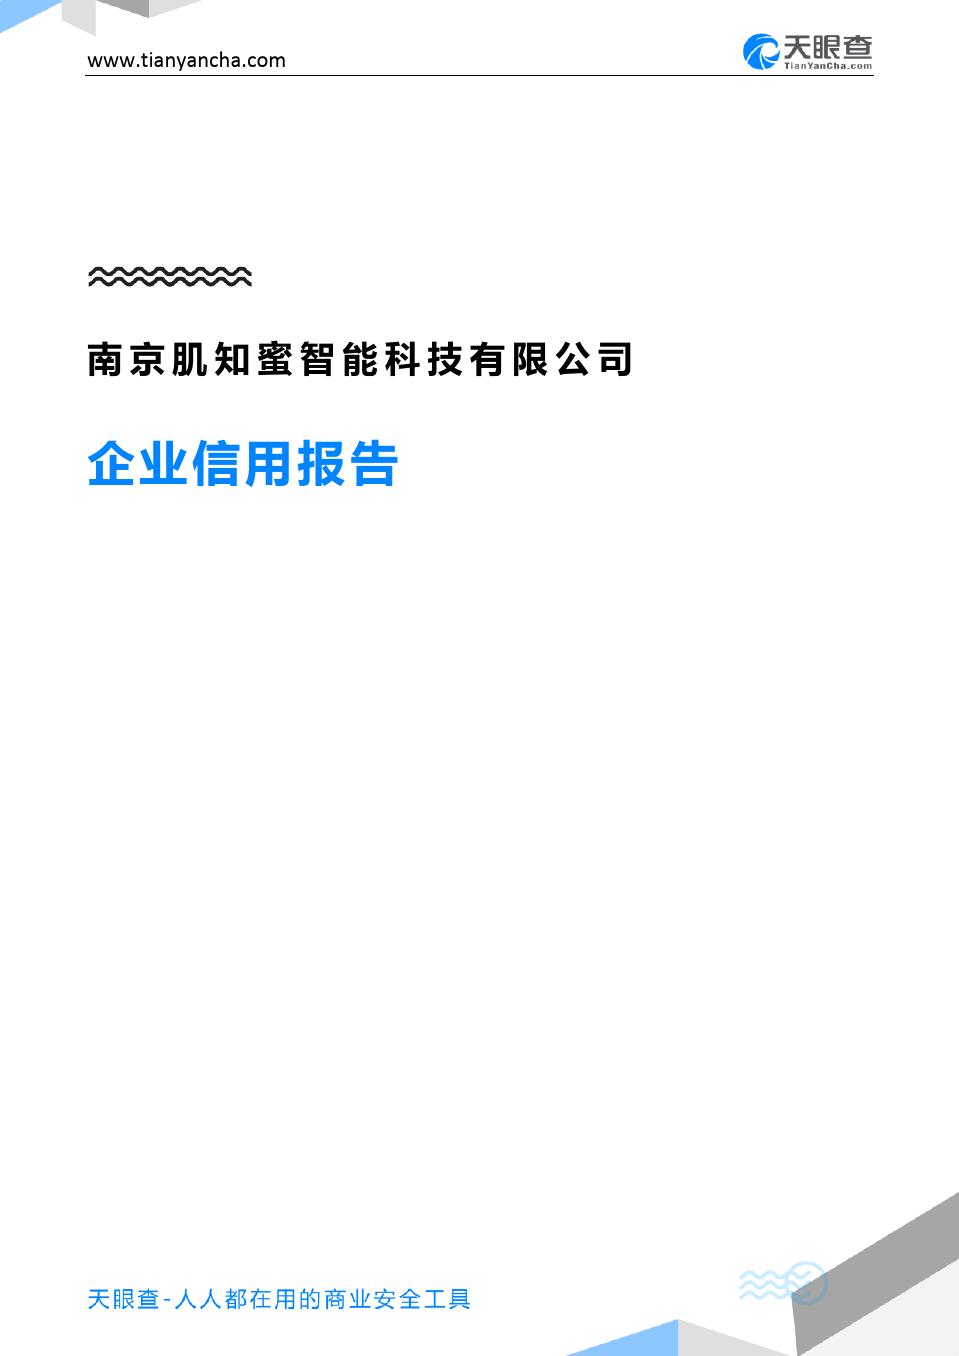 南京肌知蜜智能科技有限公司(企业信用报告)- 天眼查